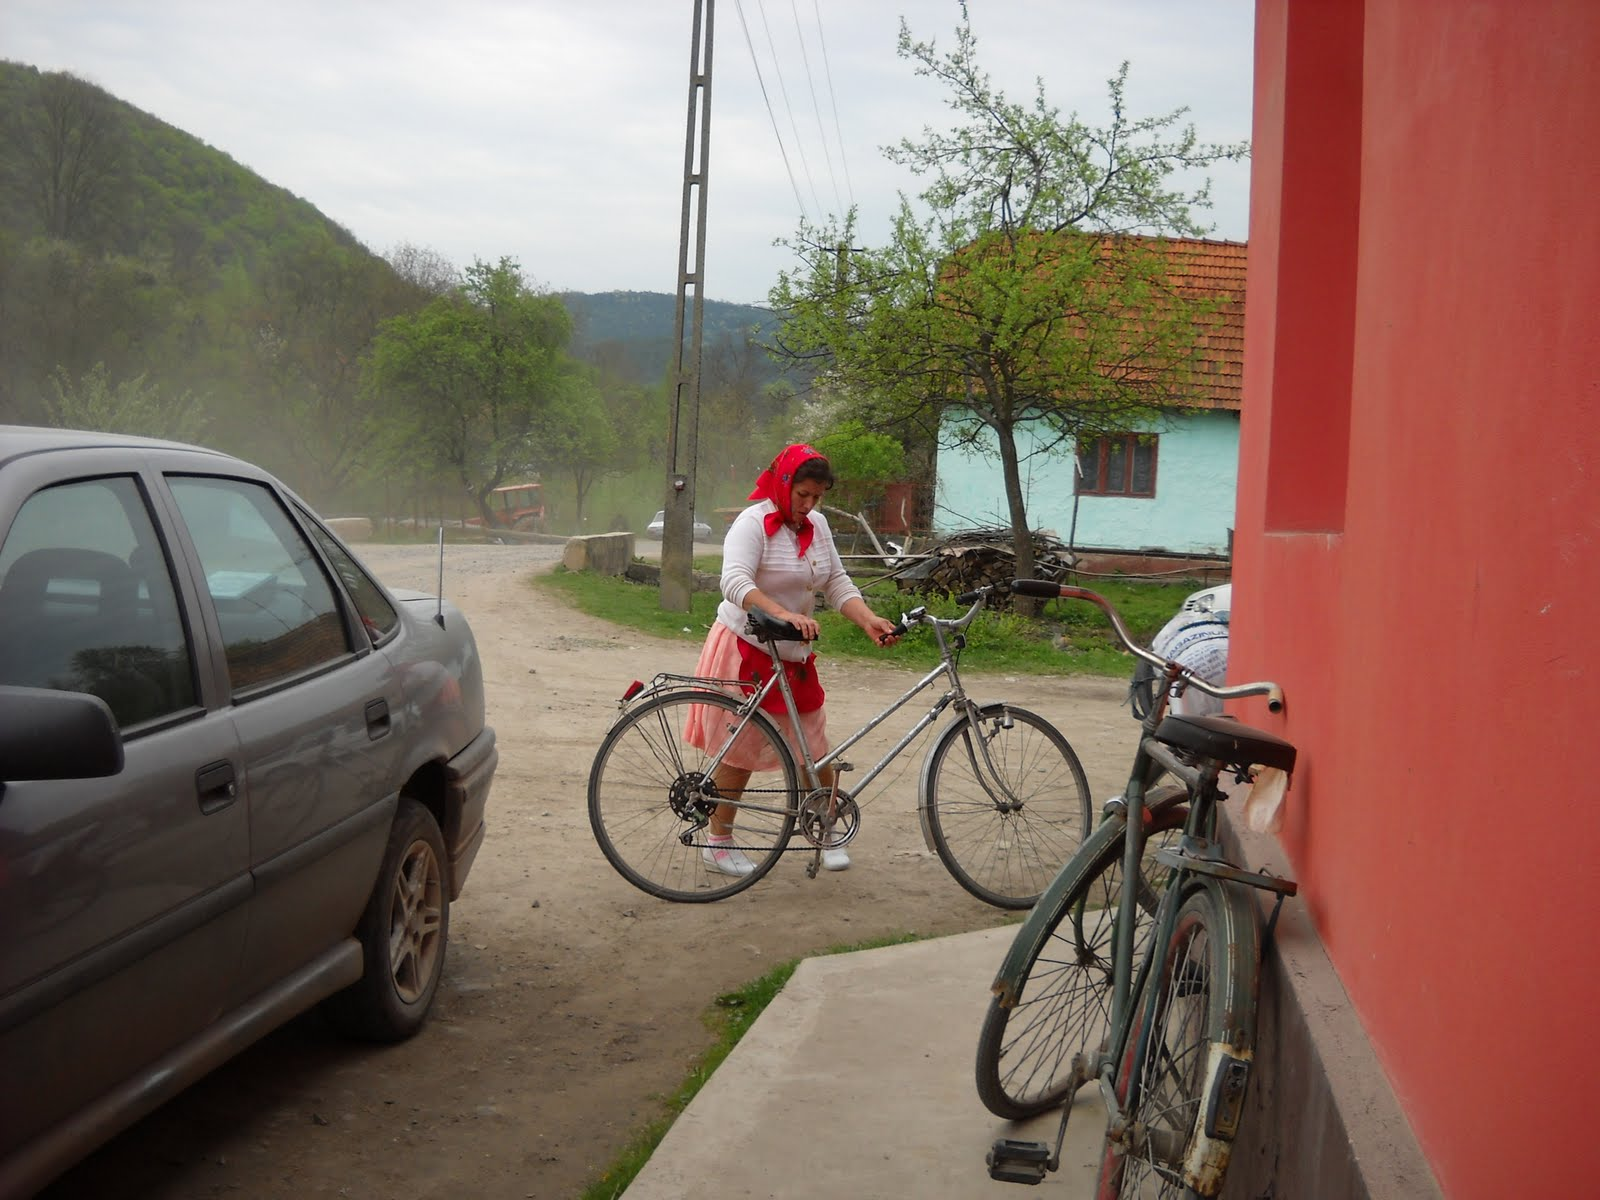 http://2.bp.blogspot.com/_ILnlQVHu15Q/S9beieaExWI/AAAAAAAABPI/ul16daa36eQ/s1600/o+localnica+biciclista.jpg